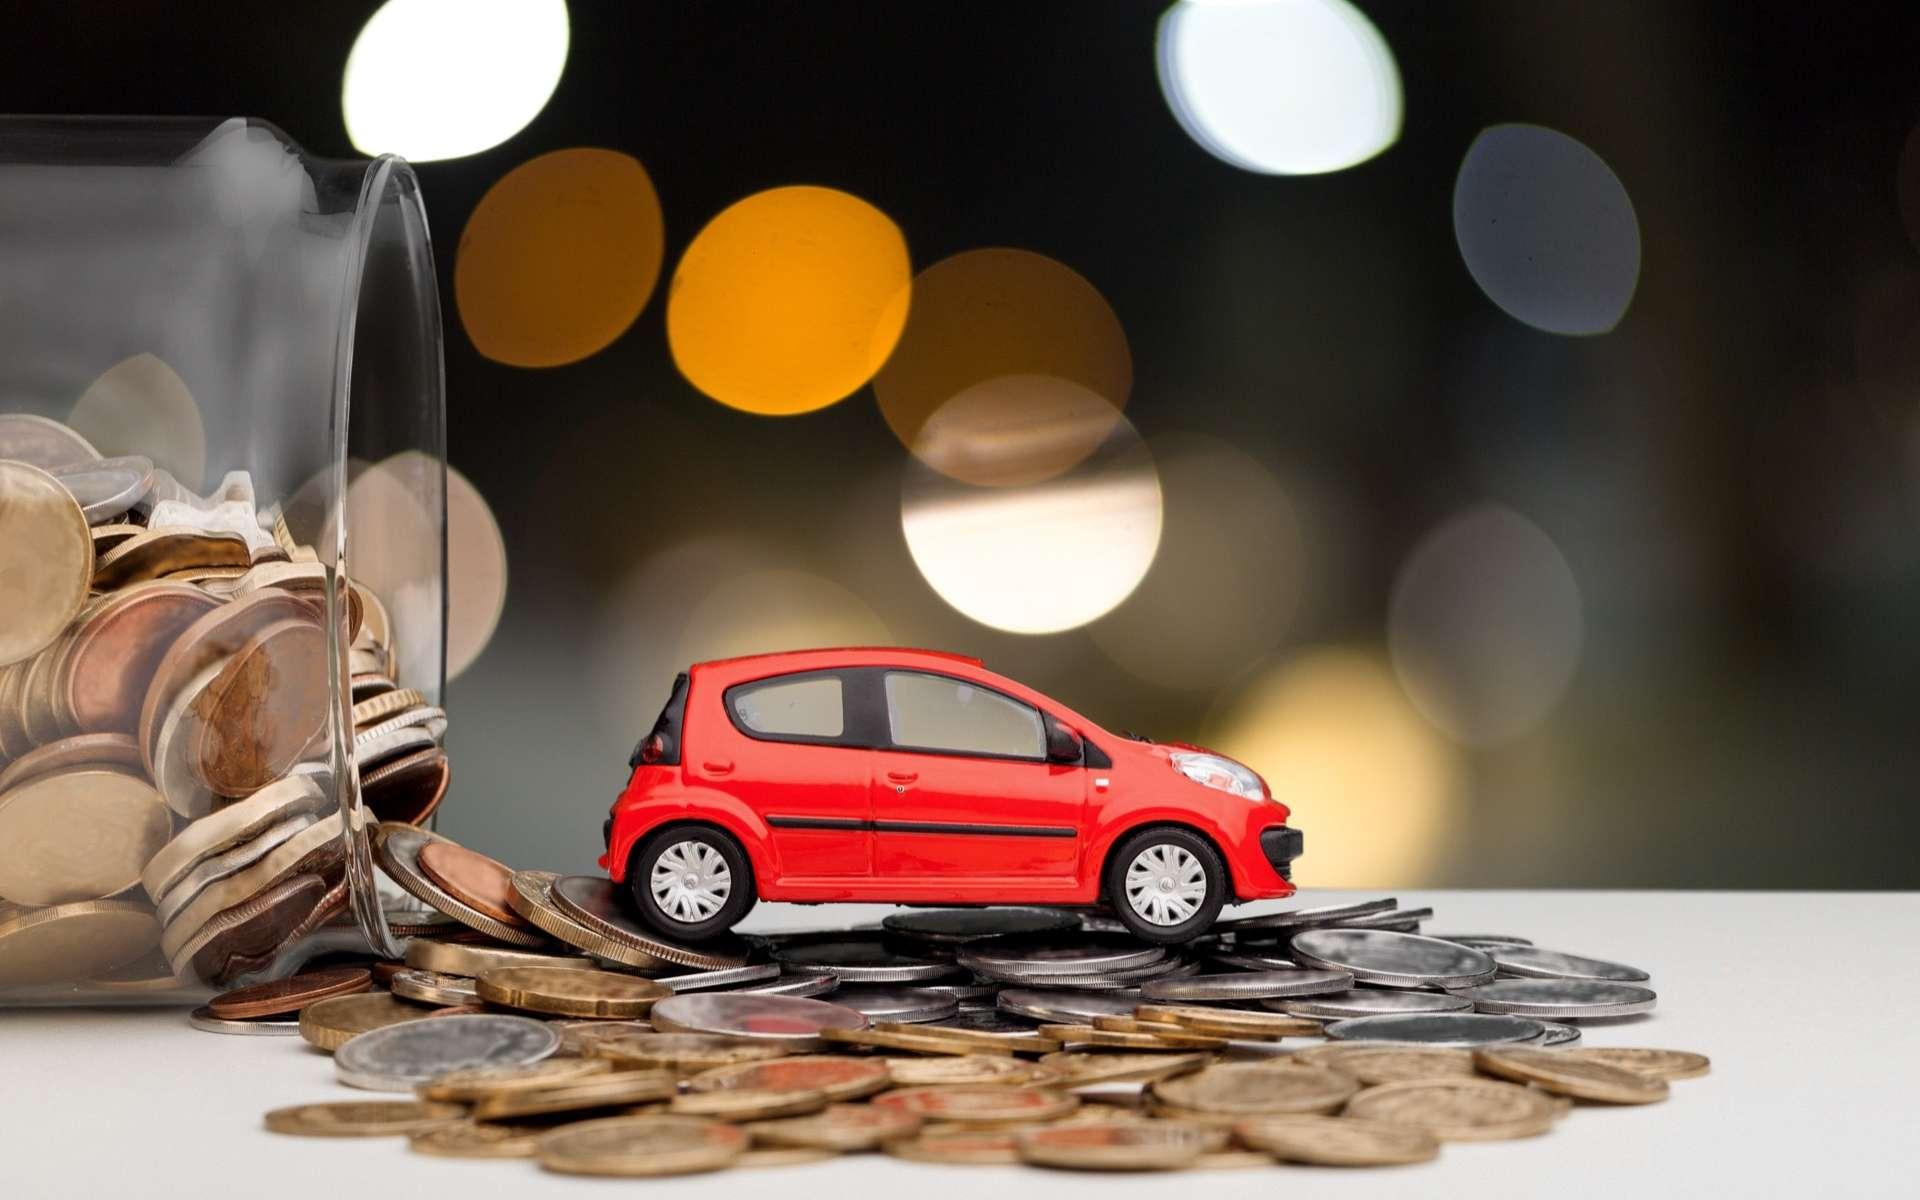 Pour faire des économies sur son assurance auto, il convient d'évaluer ses besoins. © BillionPhotos.com, Adobe Stock